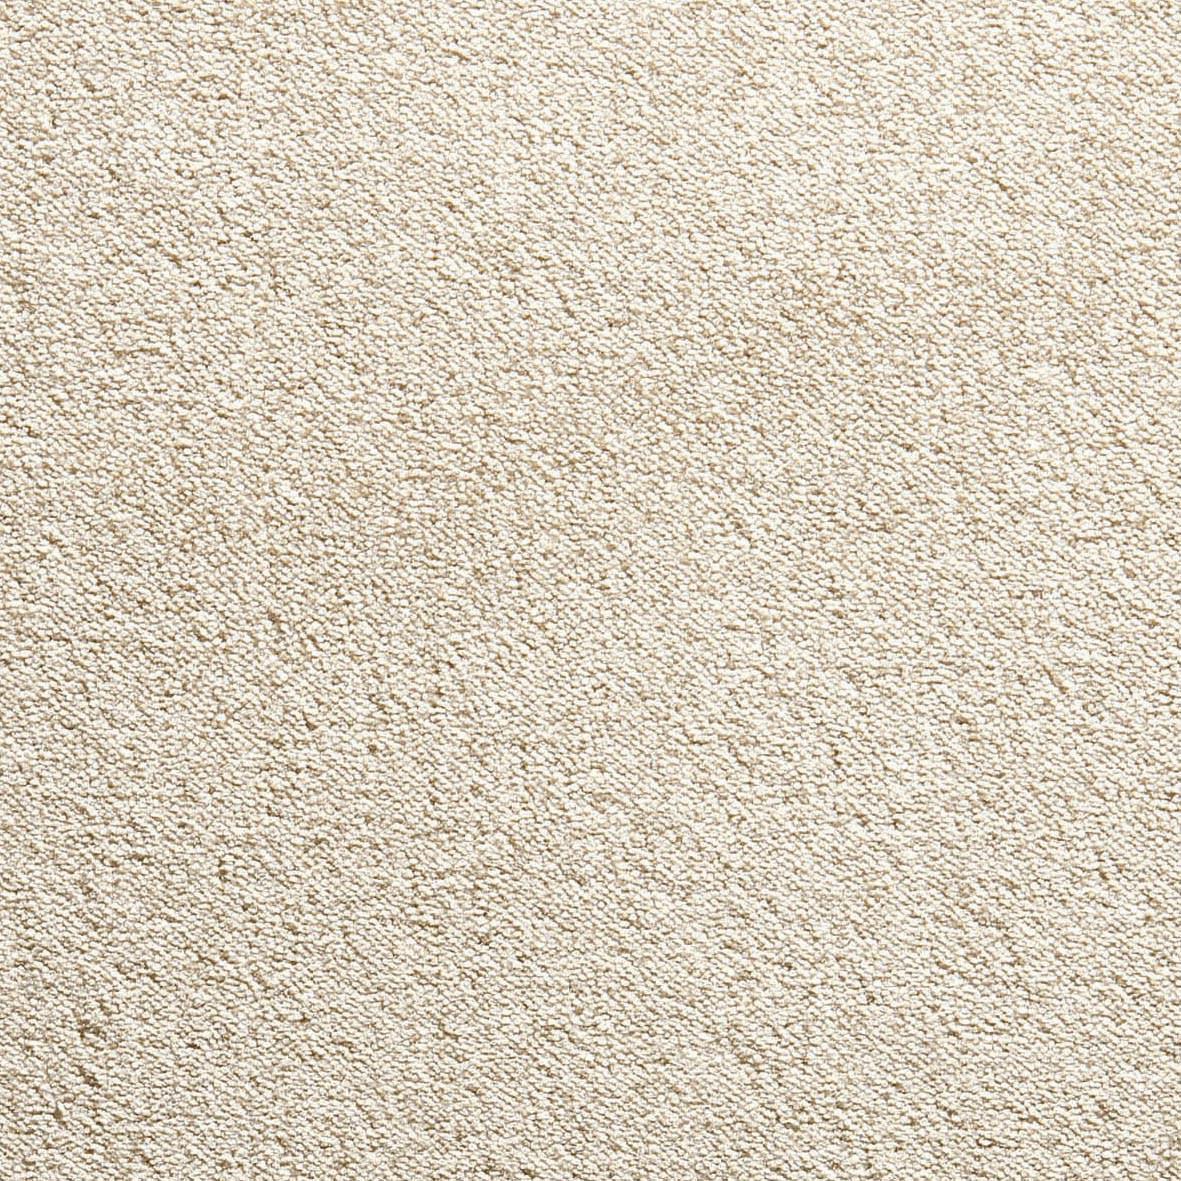 D coration tapis moquette leroy merlin 89 le mans tapis voiture moquette ou caoutchouc for Moquette rouge salon